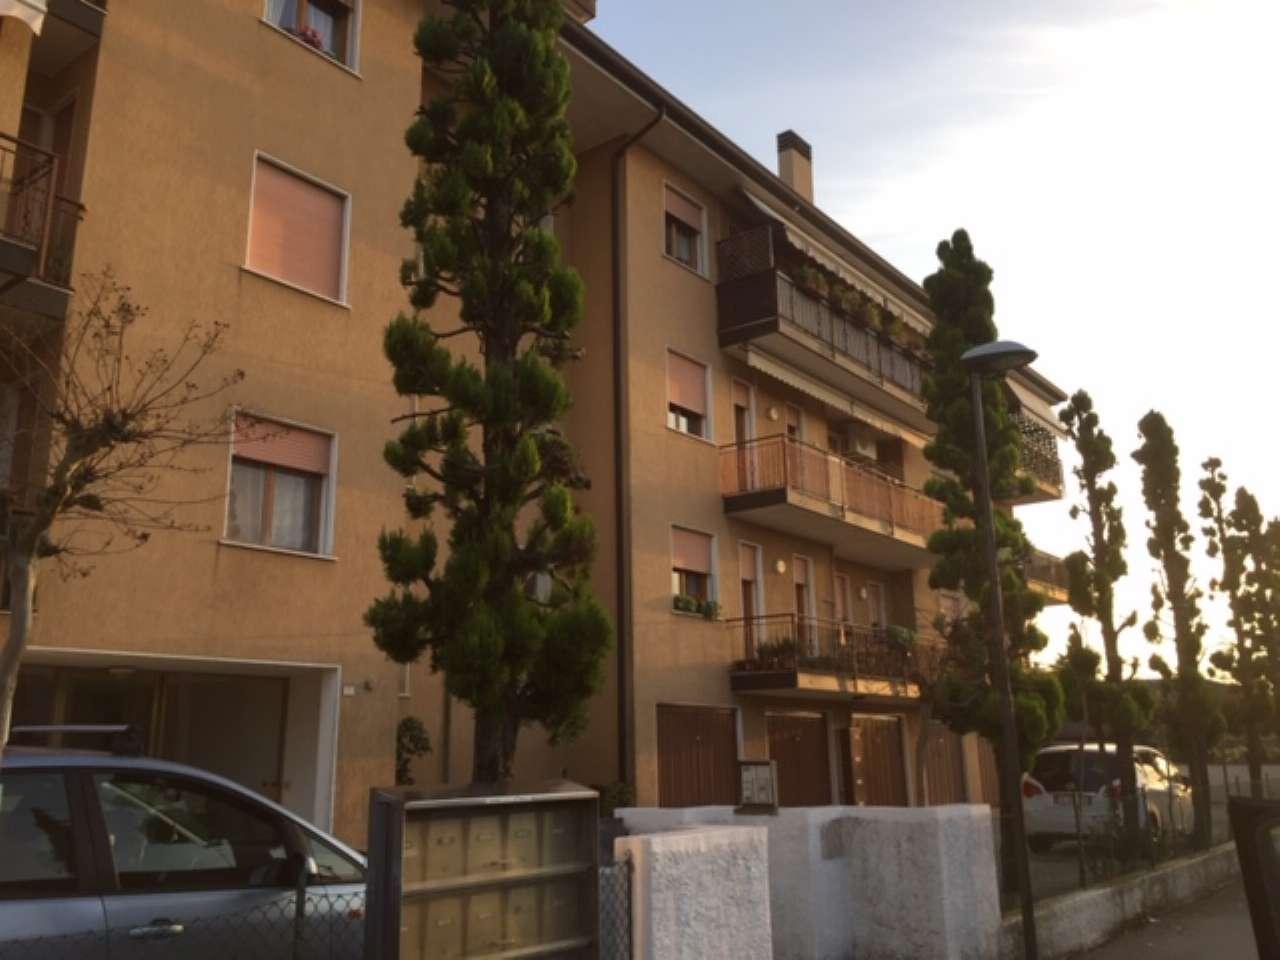 Appartamento 2° P Varago di Maserada di Piave (TV) 80 mq  due camere, box  110.000 €